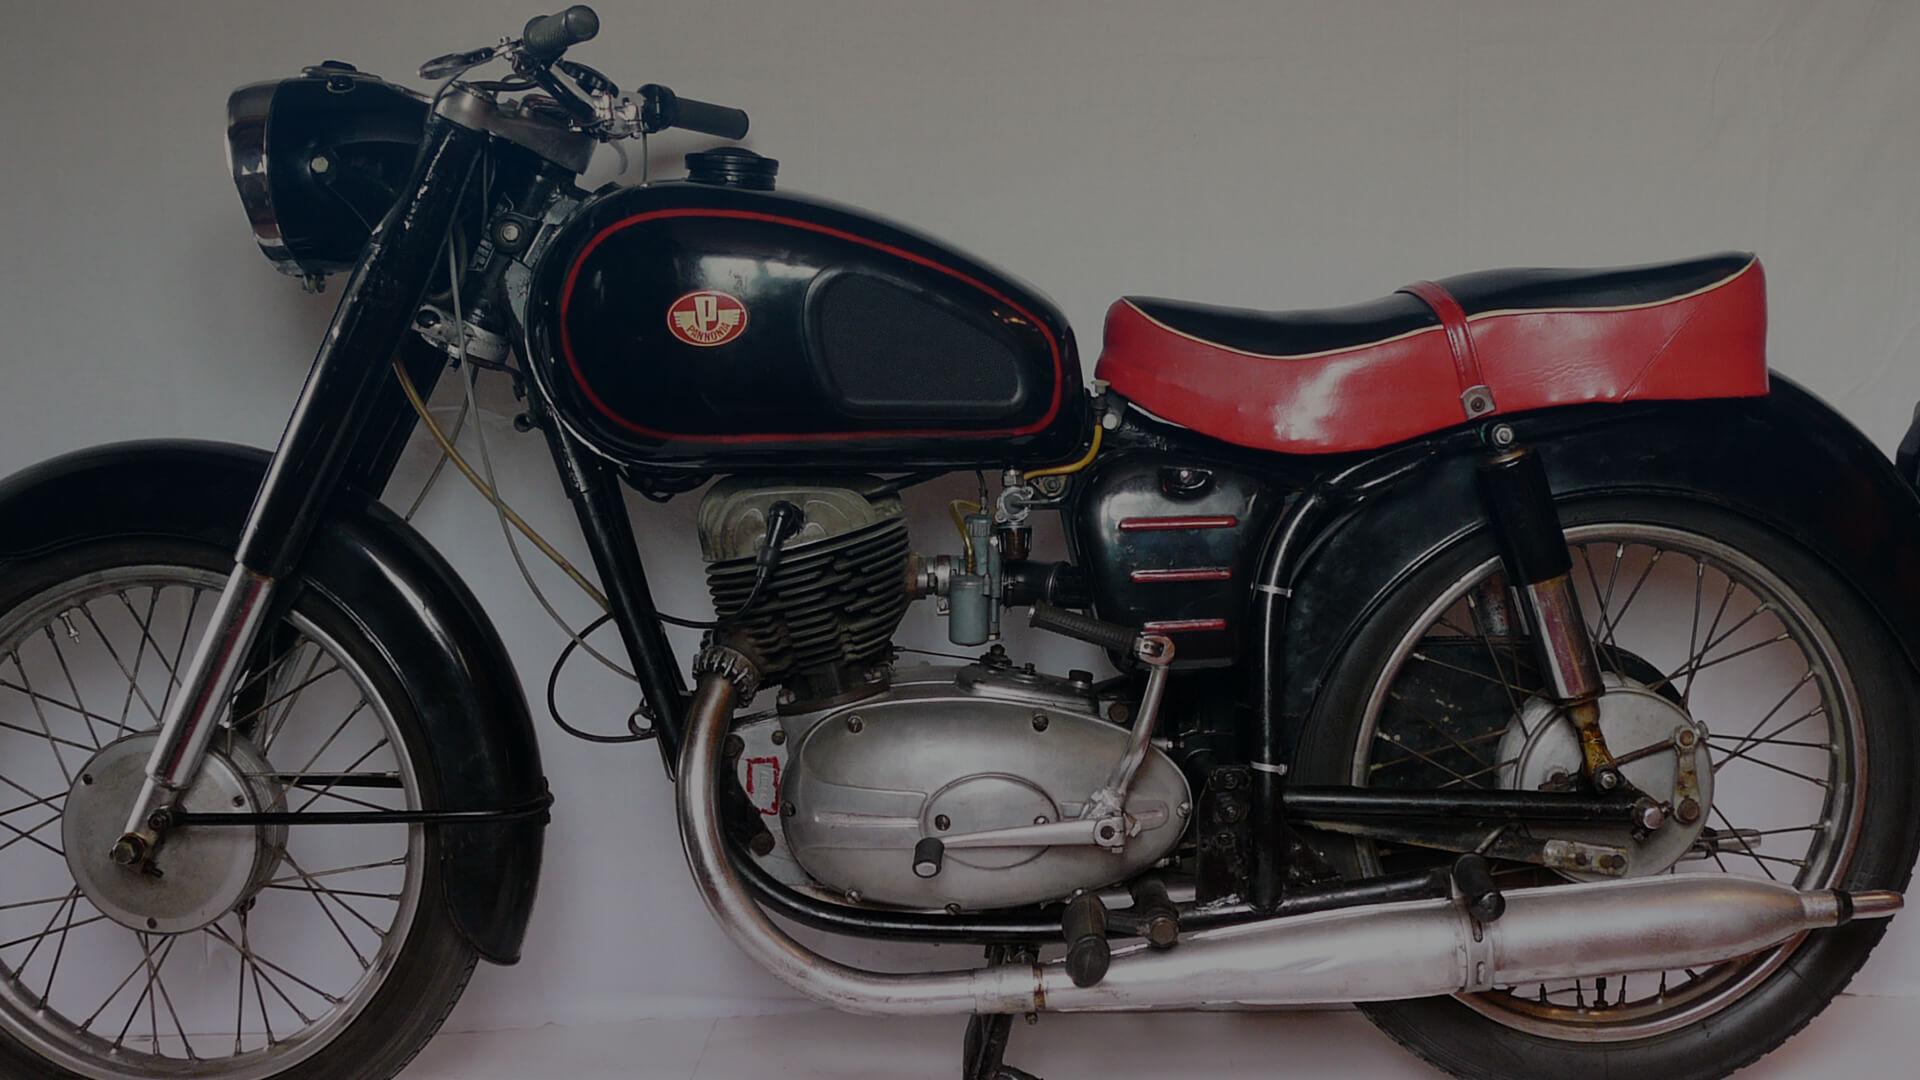 PANNONIA T5-H, 247 cc, 1970